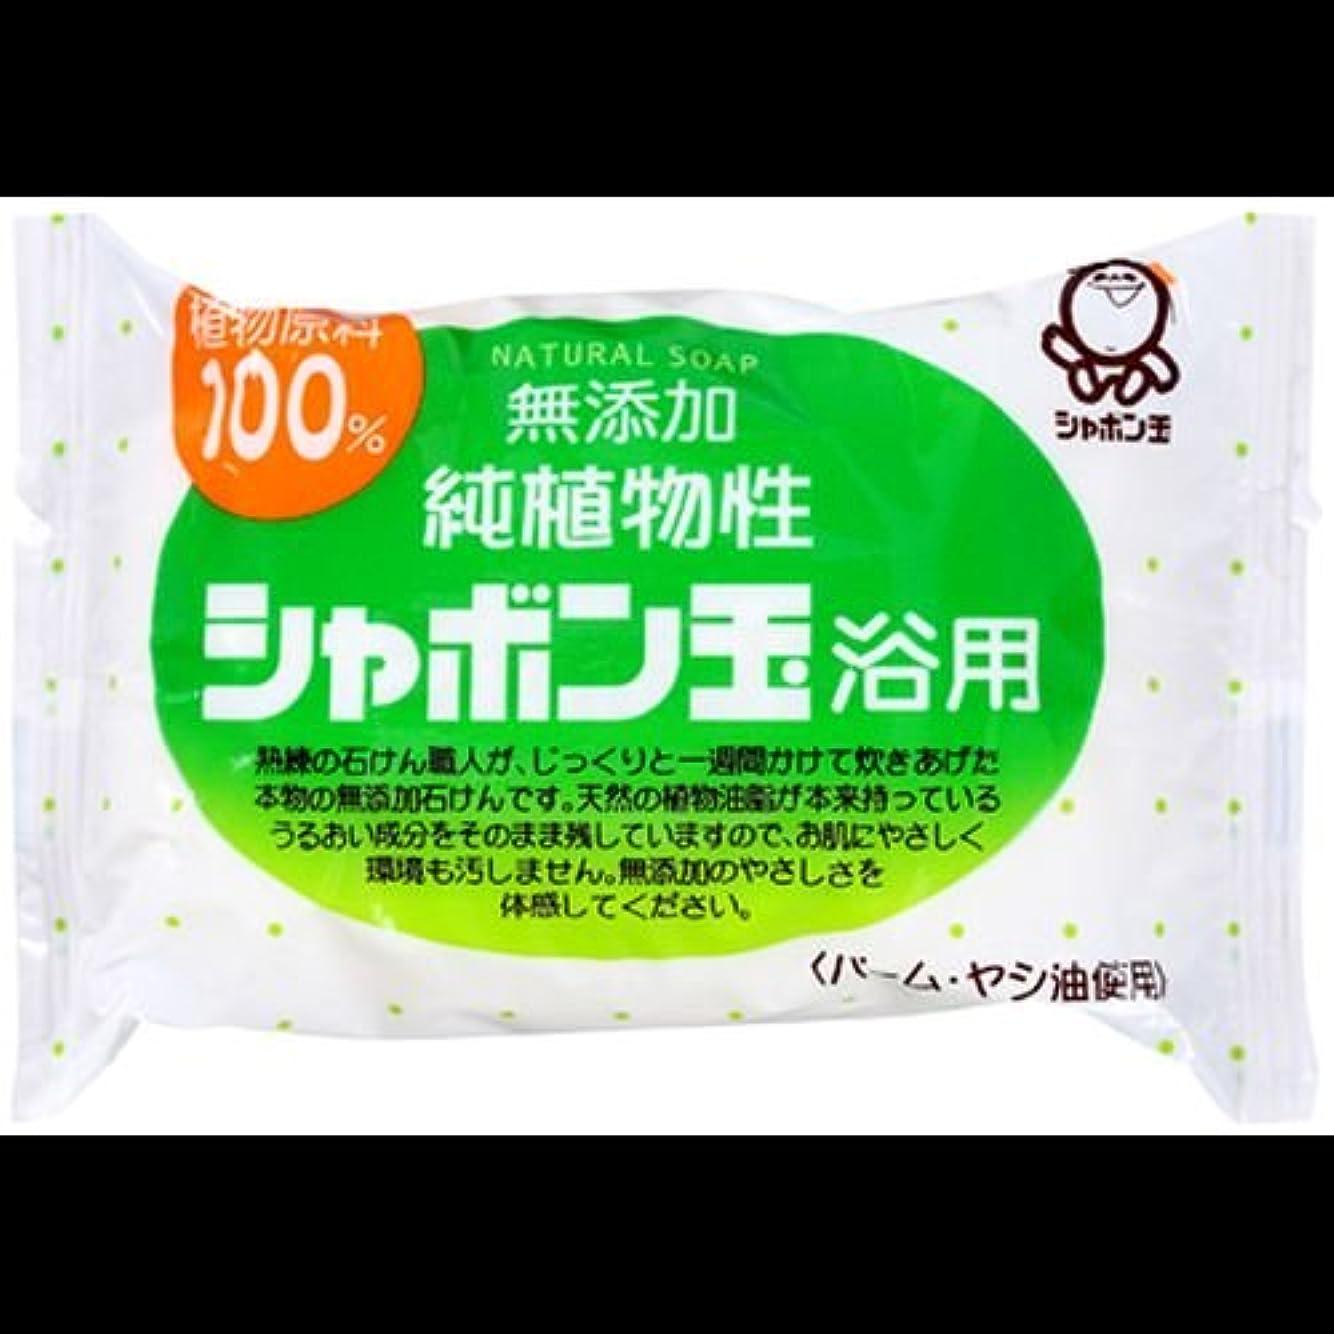 鳴らすあなたが良くなります残り【まとめ買い】シャボン玉 無添加 純植物性 シャボン玉浴用石けん 純植物性 100g ×2セット